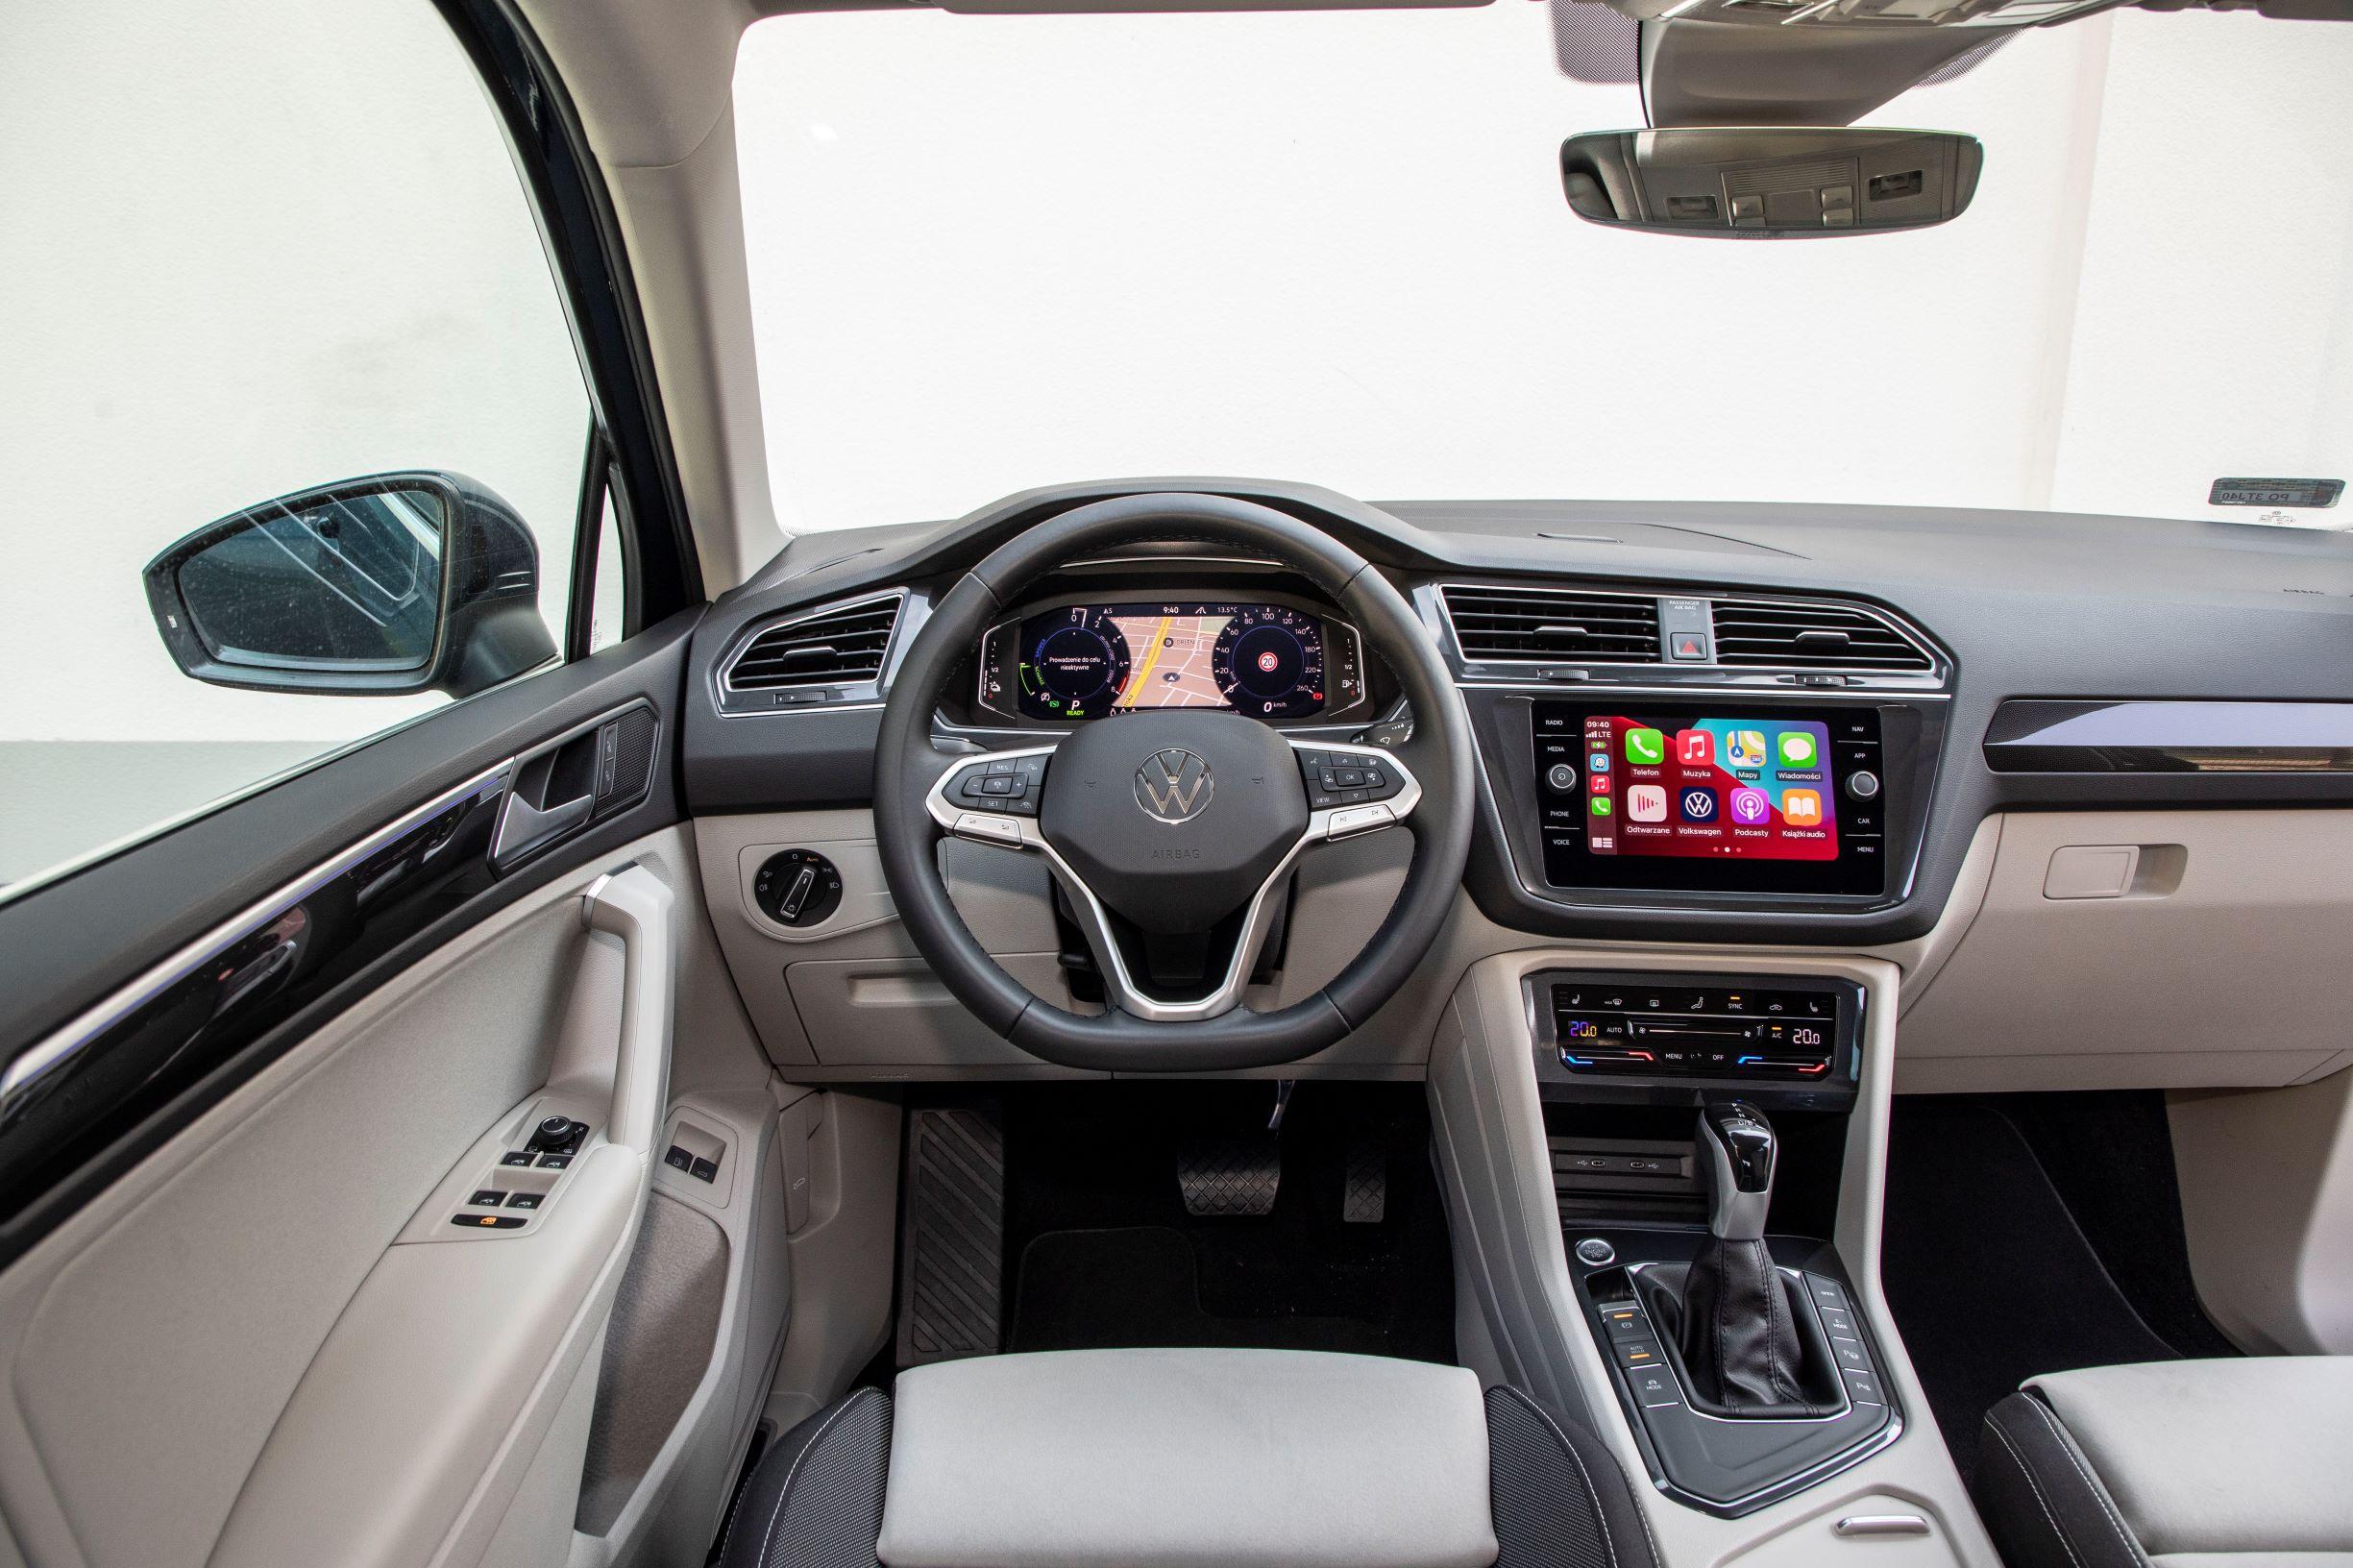 VW Tiguan - kokpit